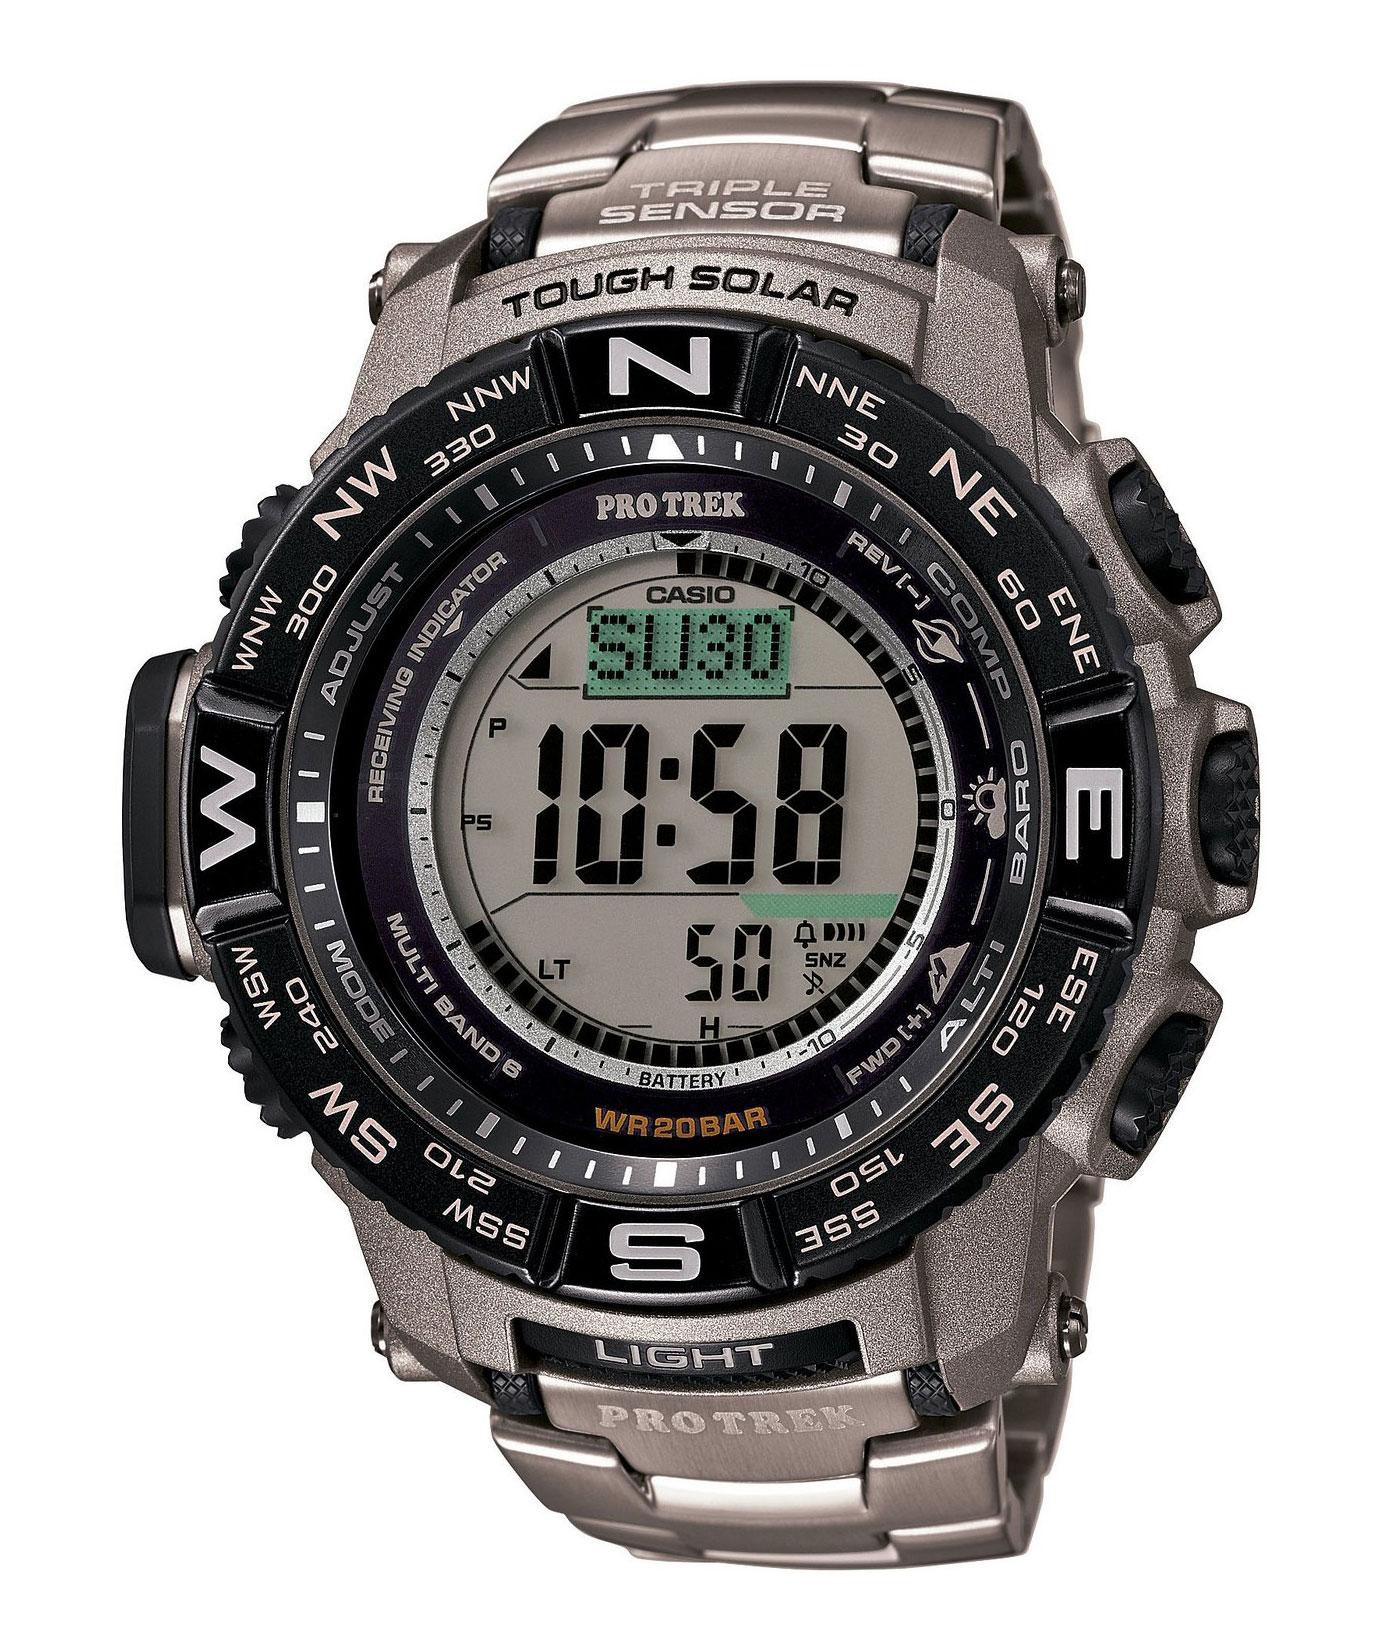 Часы мужские наручные Casio PRO TREK, цвет: титановый, черный. PRW-3500T-7EPRW-3500T-7EСтильные мужские часы Casio PRO TREK выполнены из нержавеющей стали, полимерных материалов и минерального стекла. Изделие дополнено подсветкой высокой яркости, корпус часов оформлен символикой бренда. В часах предусмотрен цифровой отсчет времени. Часы оснащены функцией мирового времени, которая позволяет мгновенно выяснять текущее время. Часы могут быть настроены на подачу тонального или светового сигнала при наступлении выставленного времени. Функция таймера позволит обеспечить обратный отсчет времени, начиная с выставленного и подачу тонального или светового сигнала, когда отсчет доходит до нуля. Функция секундомера позволит замерять прошедшее время в пределах тысячи часов с точностью 1/100 секунды, предусмотрен будильник, термометр, цифровой компас, альтиметр, барометр. Степень влагозащиты 20 atm. Изделие дополнено браслетом из стали. Браслет застегивается на замок-клипсу, который позволит максимально комфортно и быстро снимать и одевать часы. Часы поставляются в...